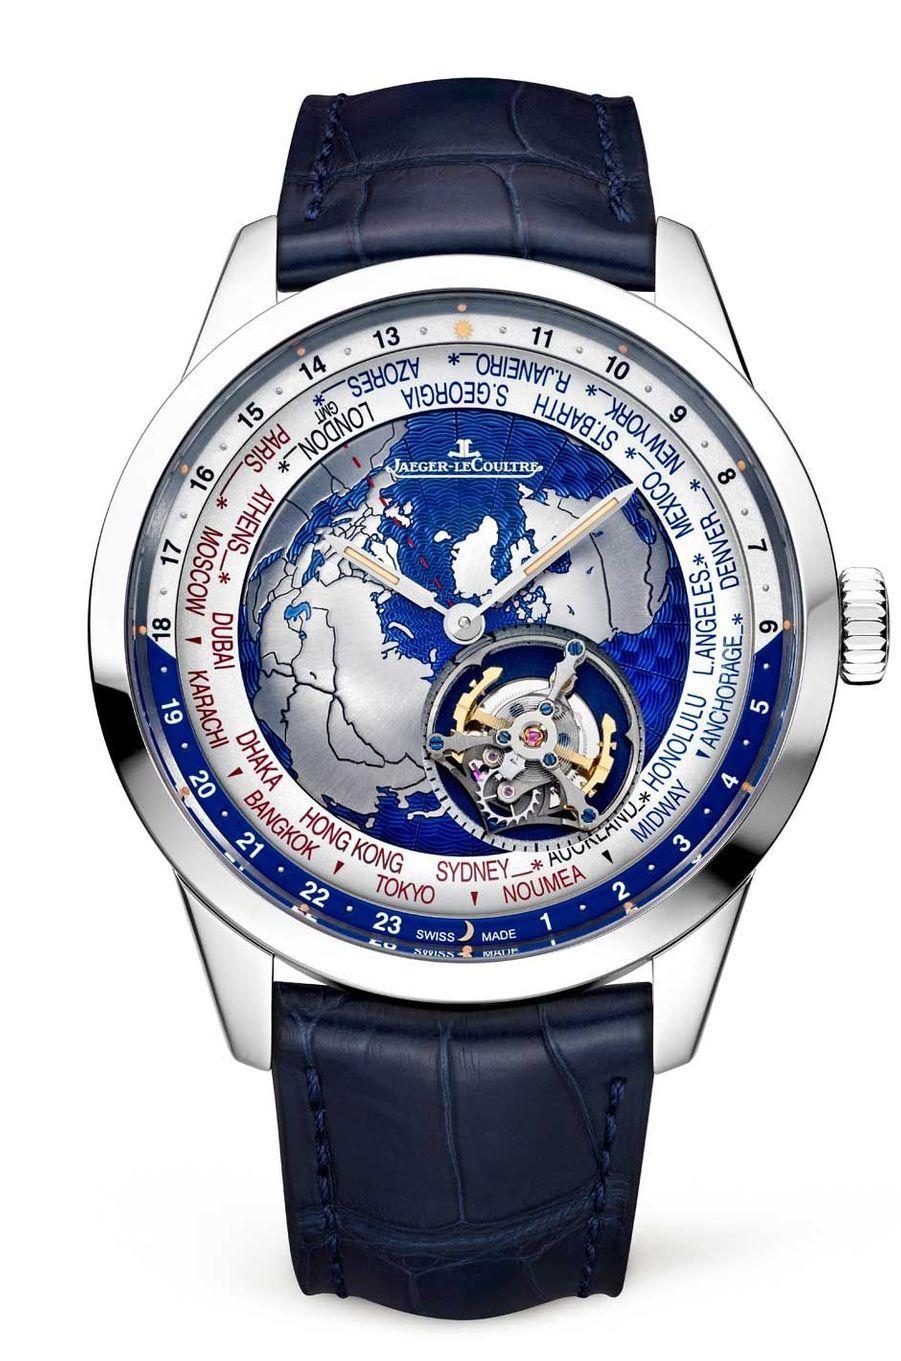 Geophysic en platine, 43, 5 mm de diamètre, mouvement automatique avec tourbillon et heures universelles, bracelet en alligator. Série limitée à 100 exemplaires. Jaeger-LeCoultre, 156 000 €.